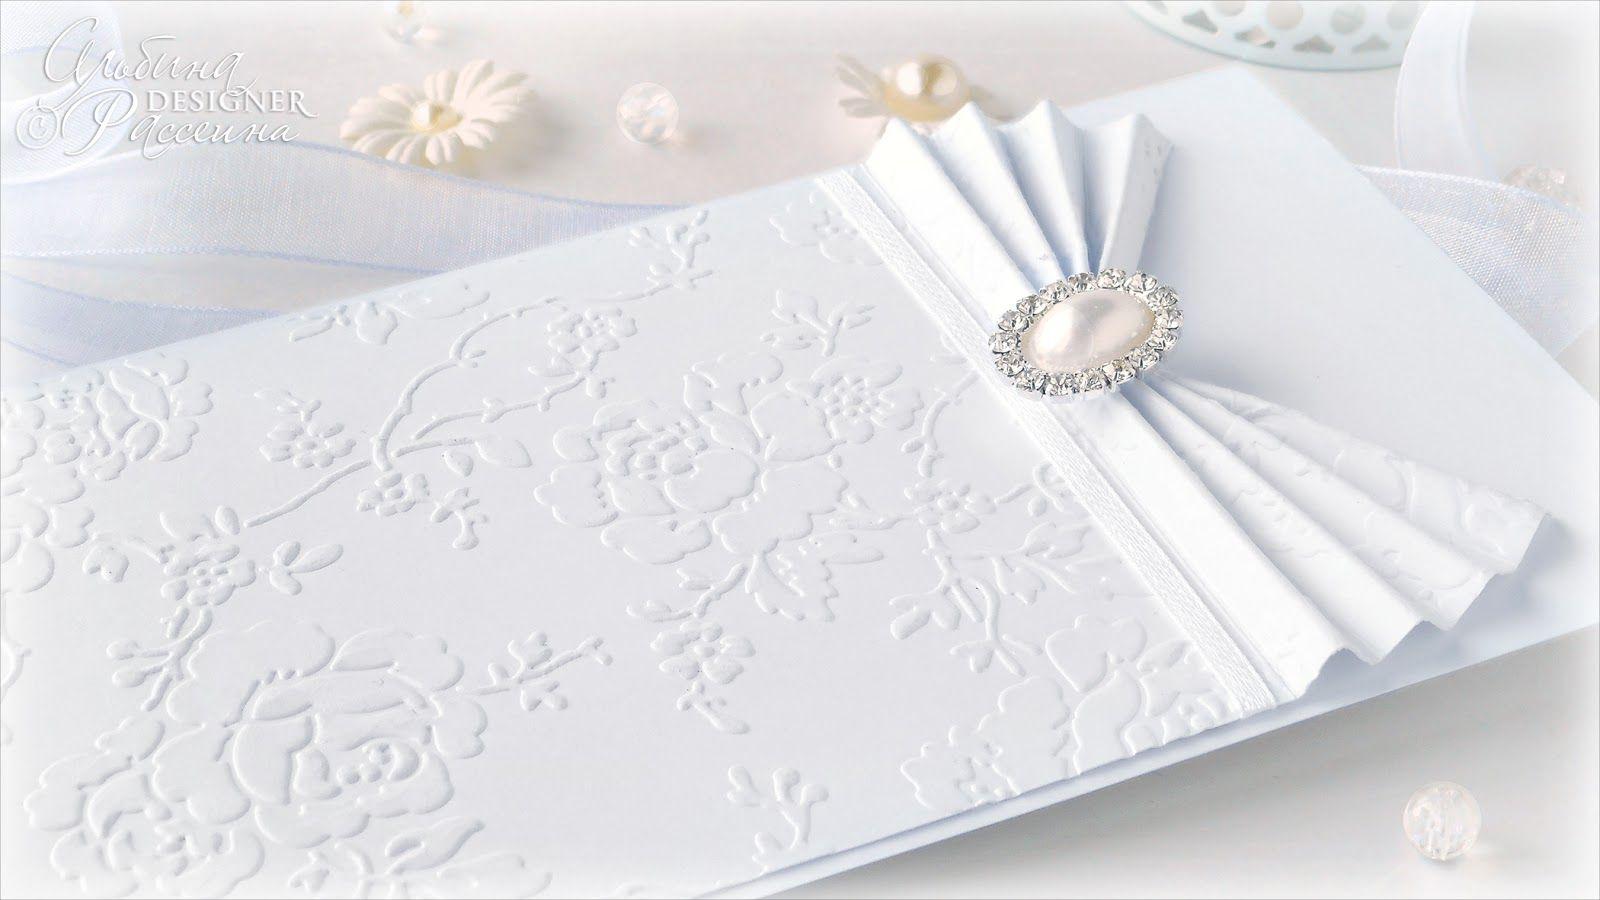 ♥ Приглашения на свадьбу Стильная свадьба Сайт дизайнера: Красивые приглашения на свадьбу.